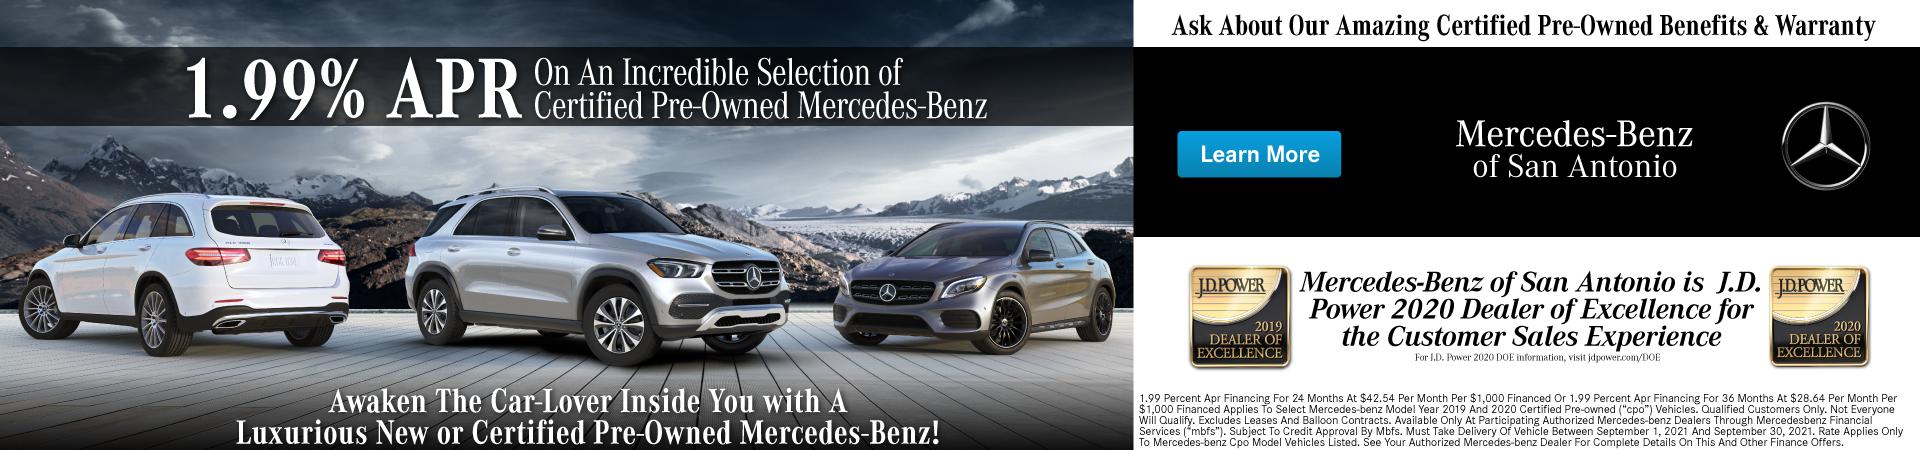 2021 Mercedes-Benz 1.99% APR